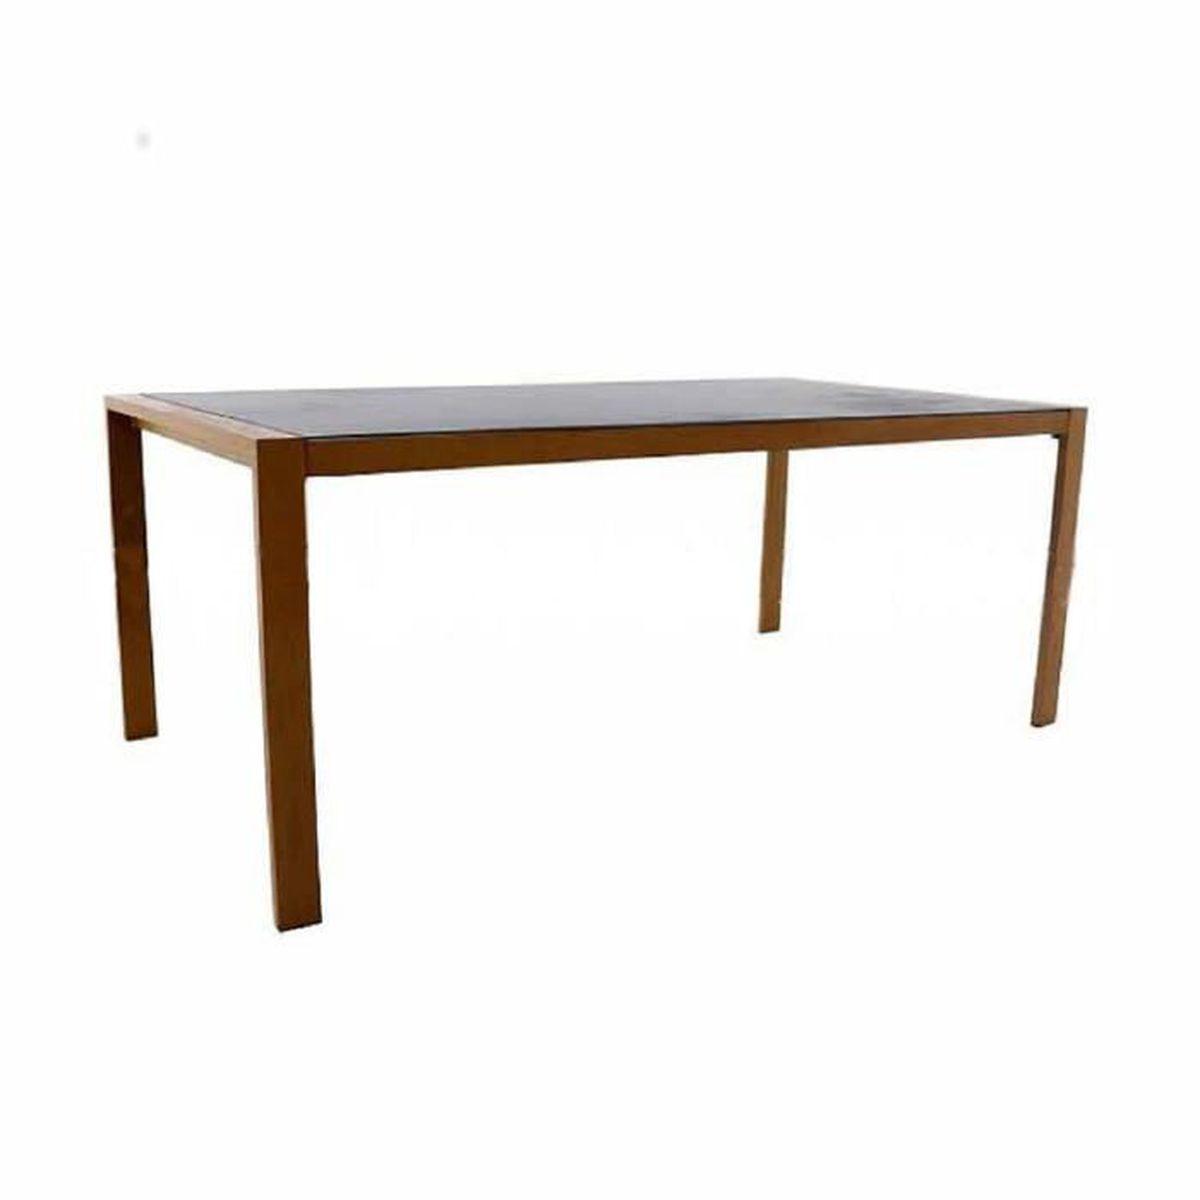 Table en aluminium coloris bois/plateau en verre ardoise ...